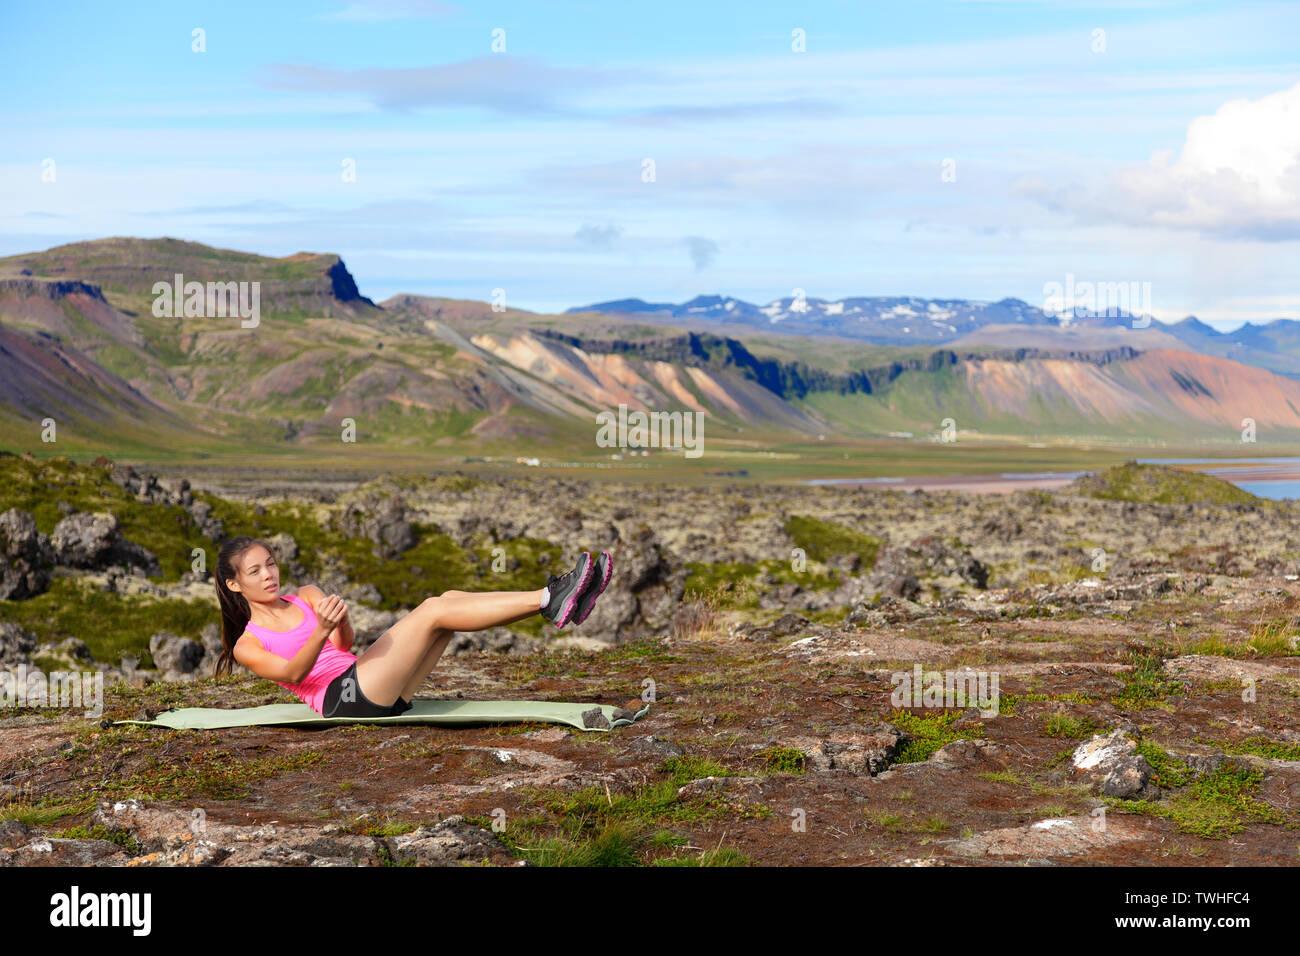 Femme Fitness core twist russe faisant de l'exercice à l'extérieur. Mettre en place la formation des femmes dans l'estomac nature paysage incroyable sur l'Islande. Mettre en place le sport féminin fille modèle crossfit à l'extérieur. De Formation Athlète de race mixte. Photo Stock